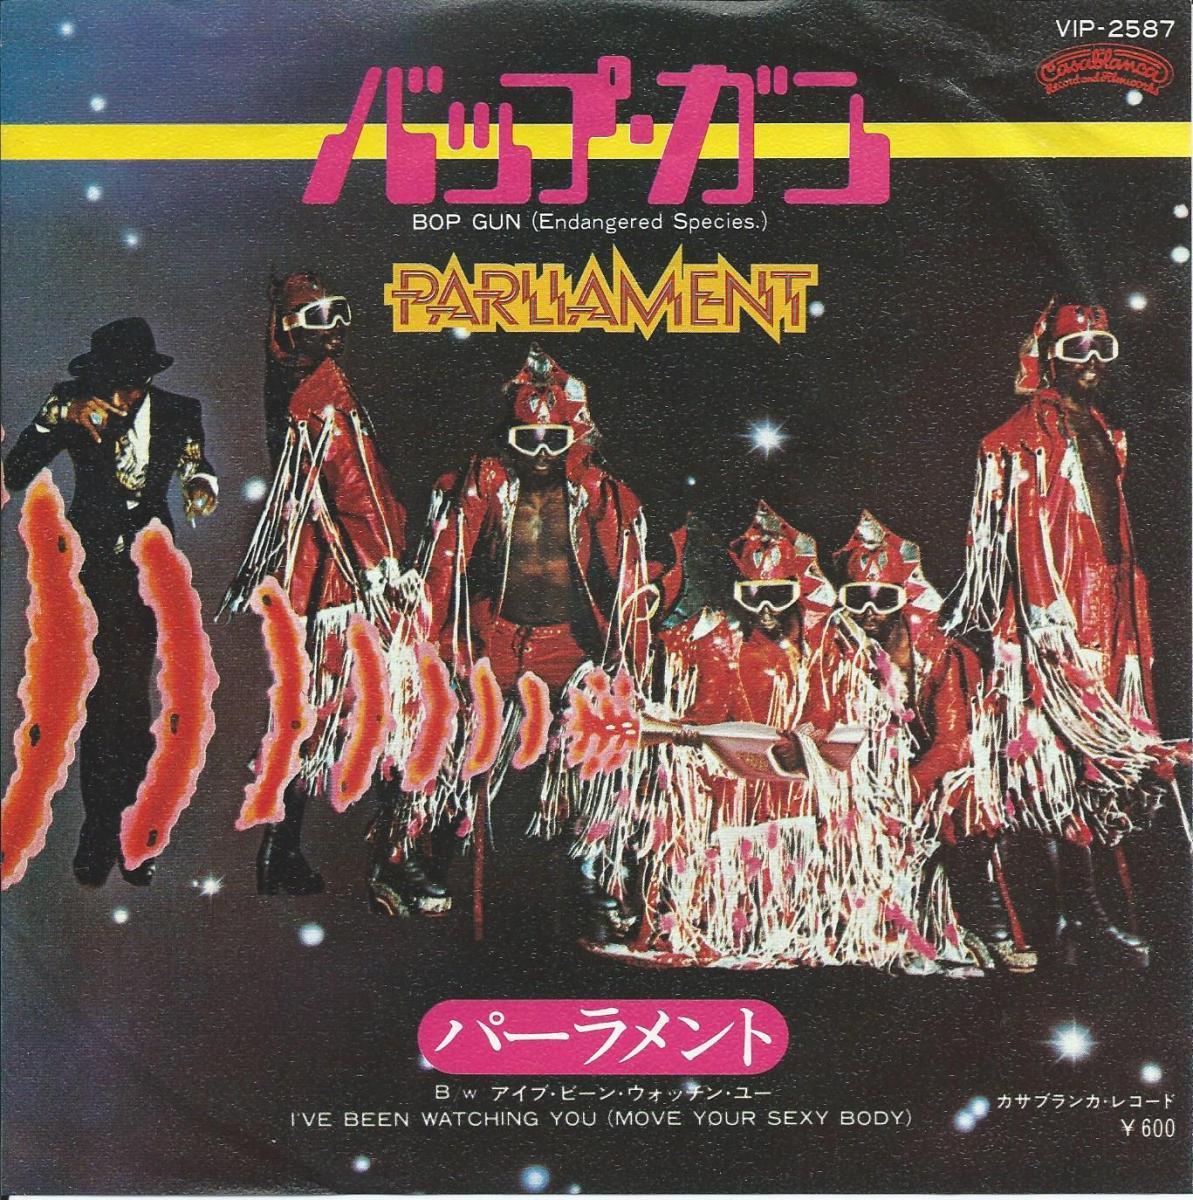 パーラメント PARLIAMENT / バップ・ガン BOP GUN (ENDANGERED SPECIES) (7